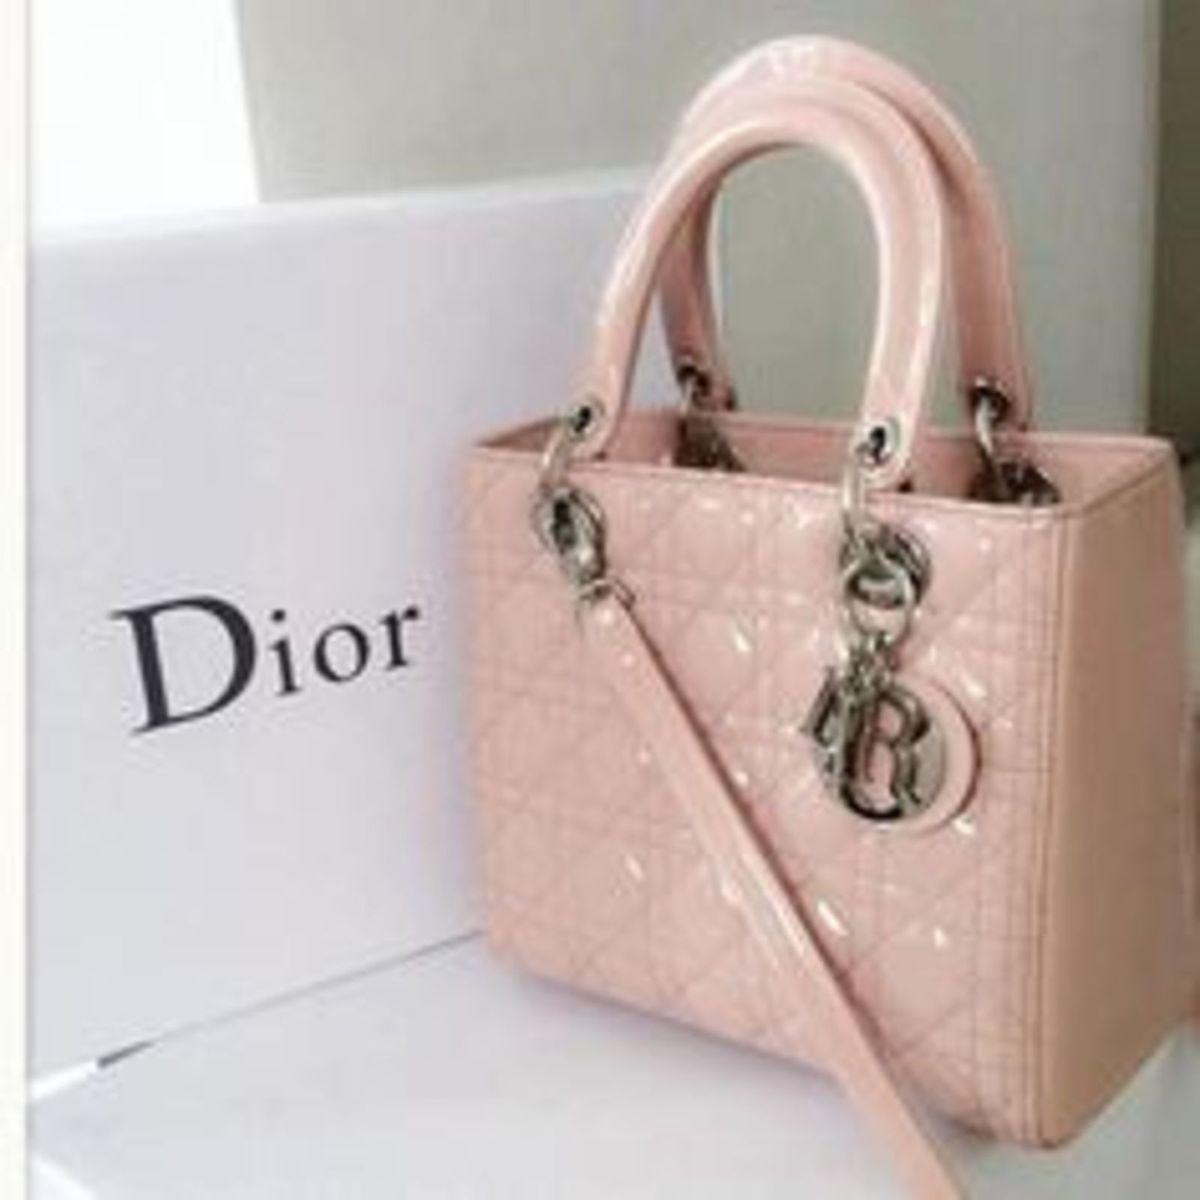 6934df793 Bolsa Lady Dior Mini Nude | Bolsa de mão Feminina Dior Nunca Usado 13076422  | enjoei